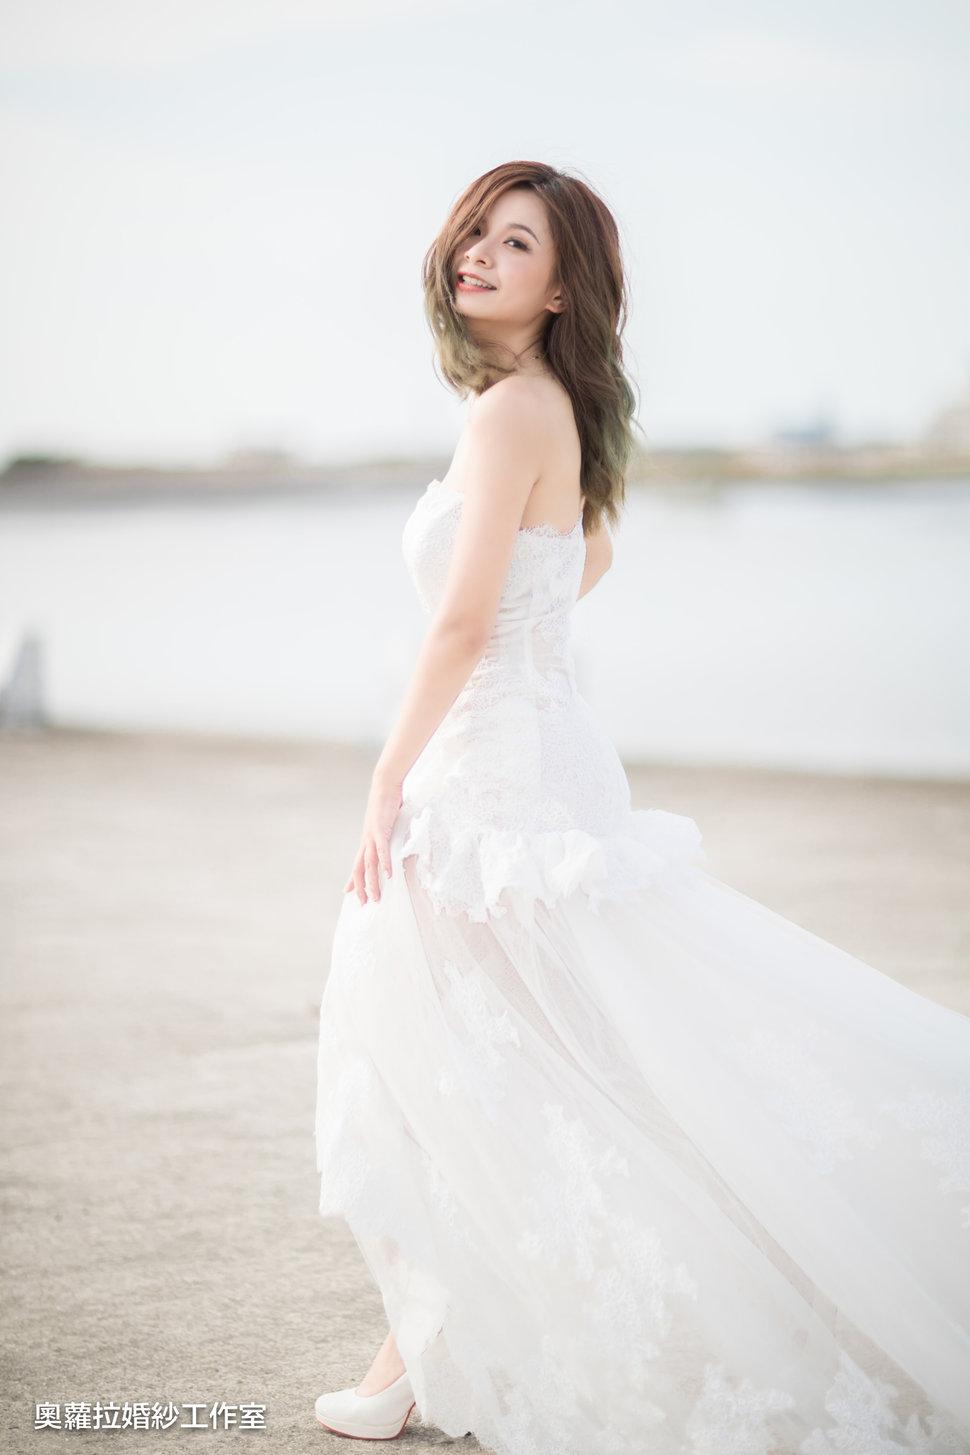 奧蘿拉婚紗工作室-32 - 奧蘿拉自助婚紗工作室《結婚吧》